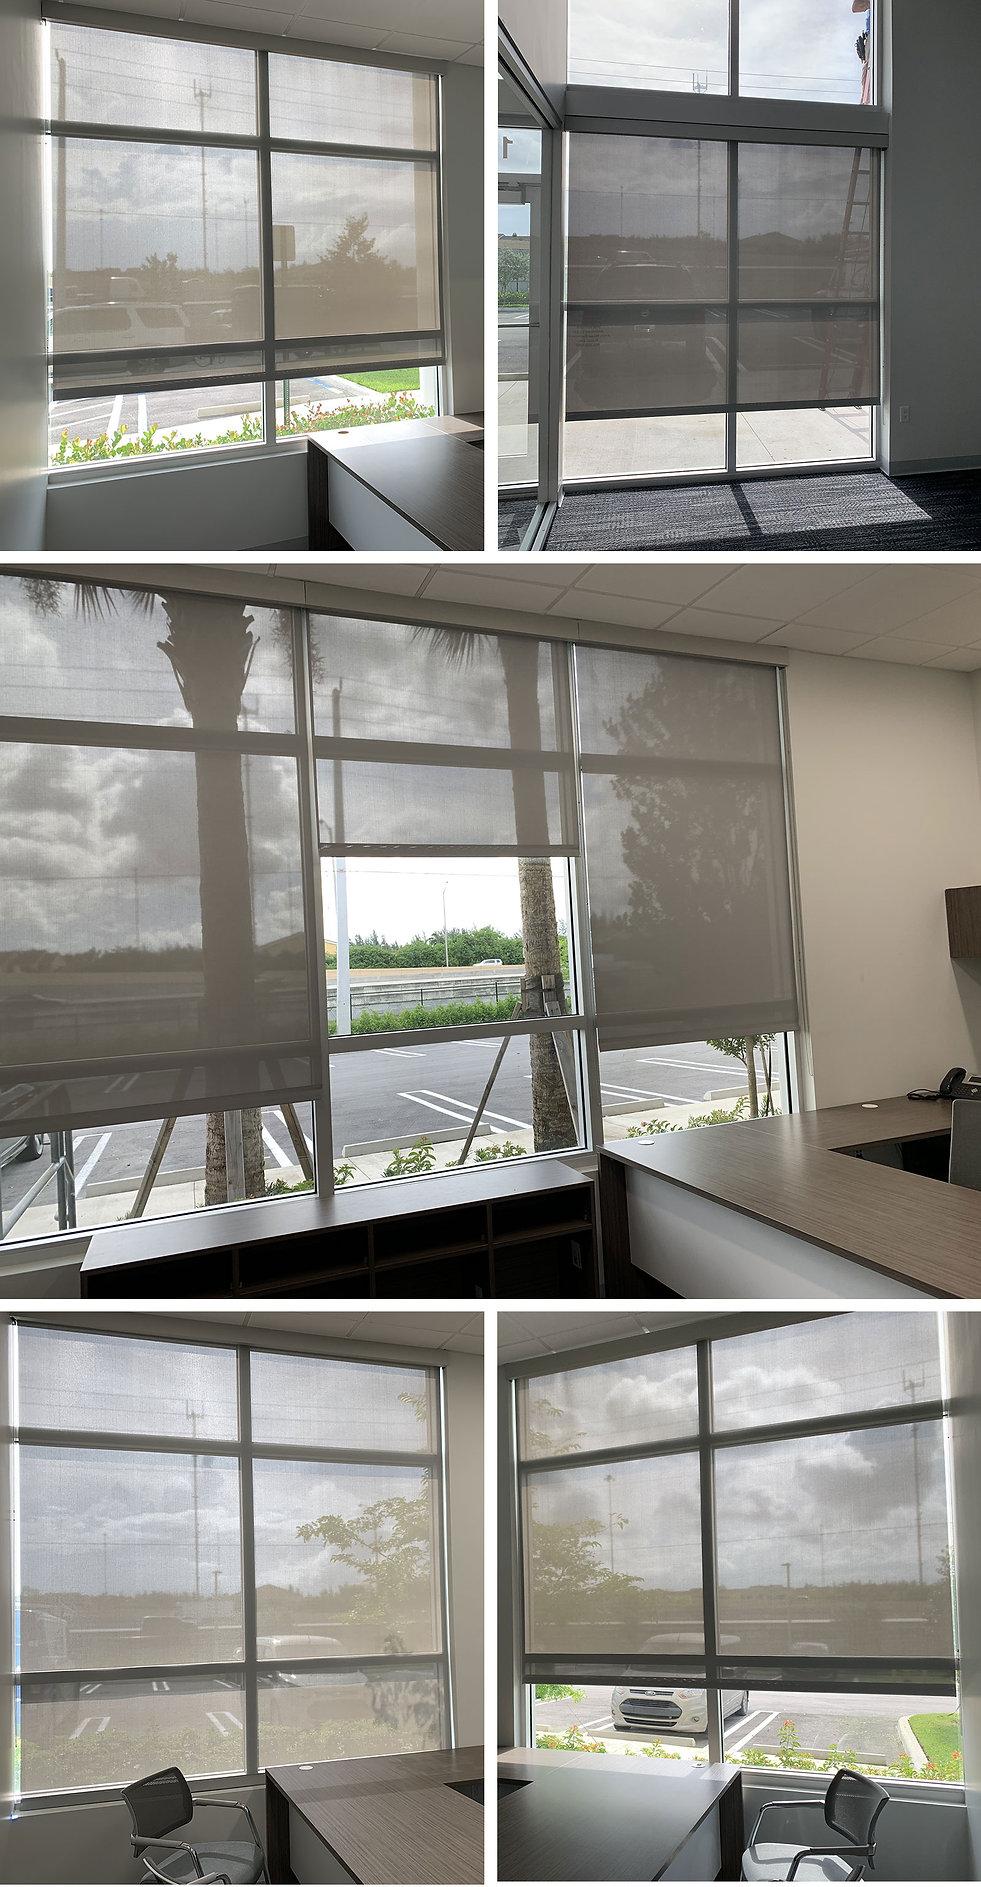 evi-steiner-collage.jpg